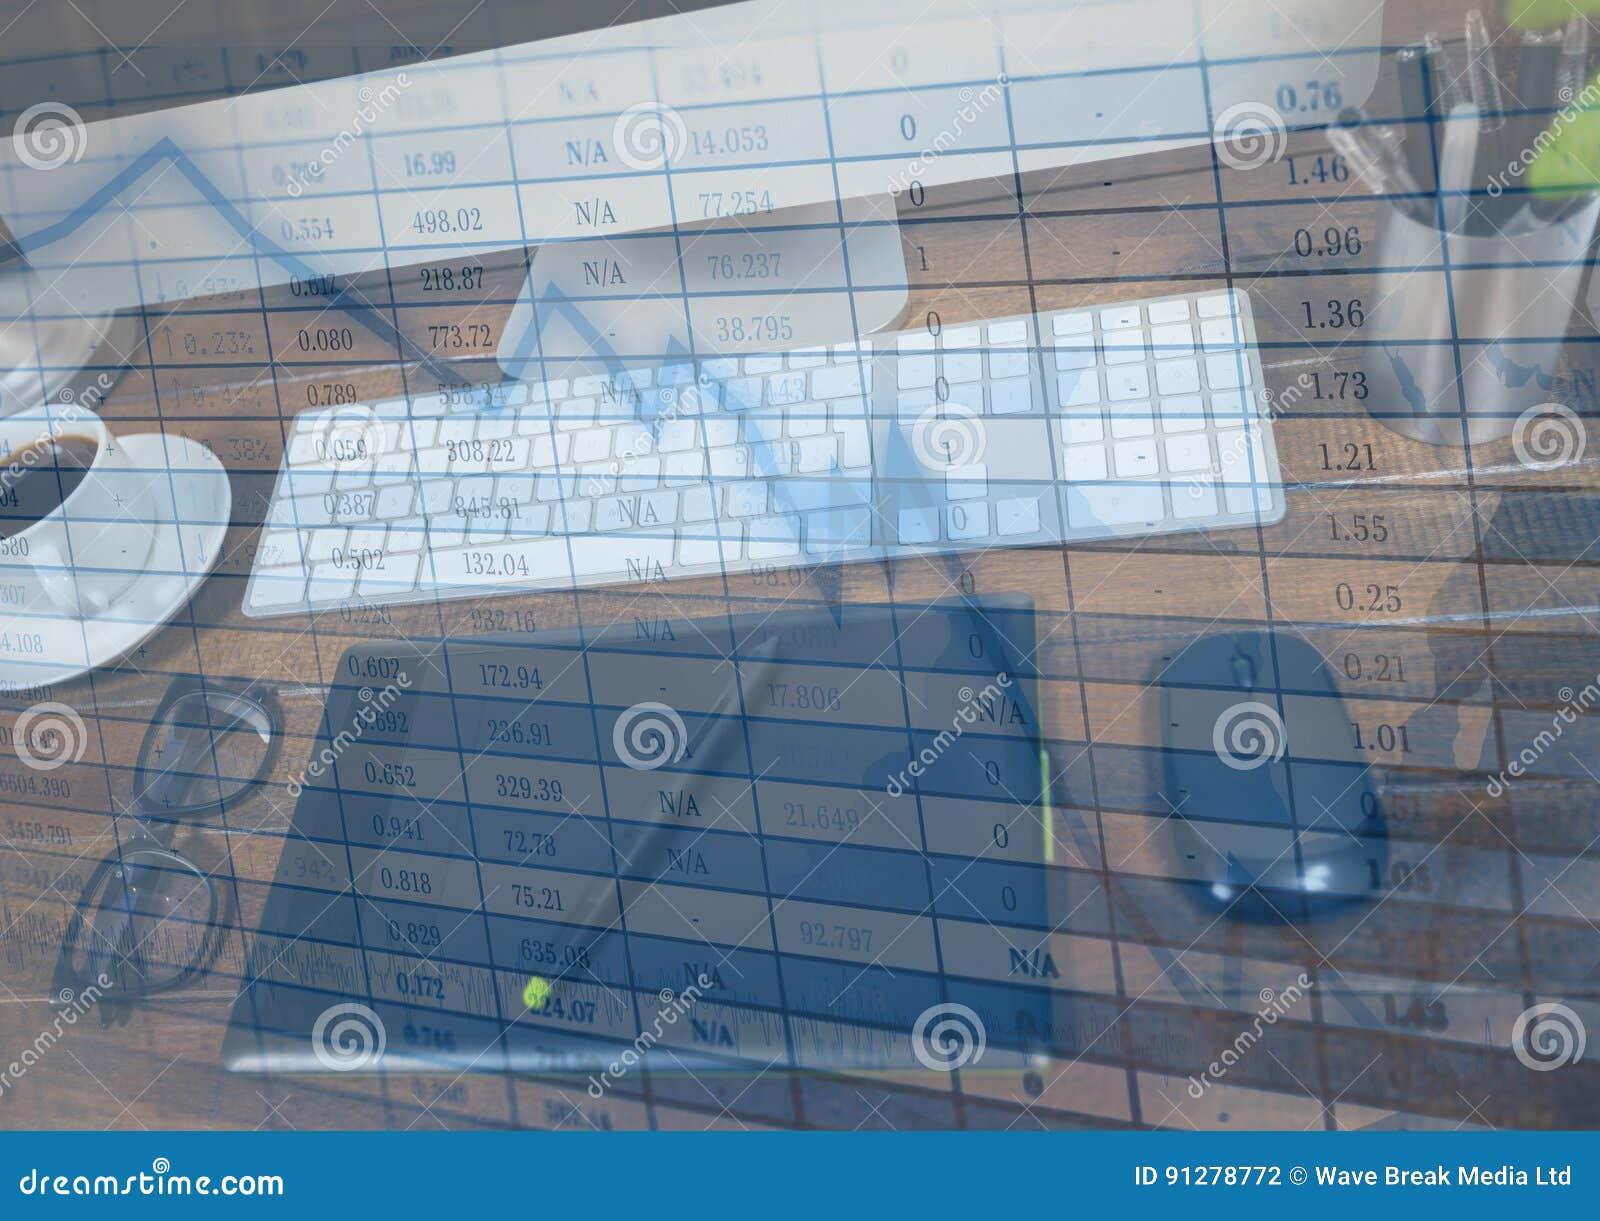 Diagramminnestavla på datoren och blåttgrafsamkopieringen